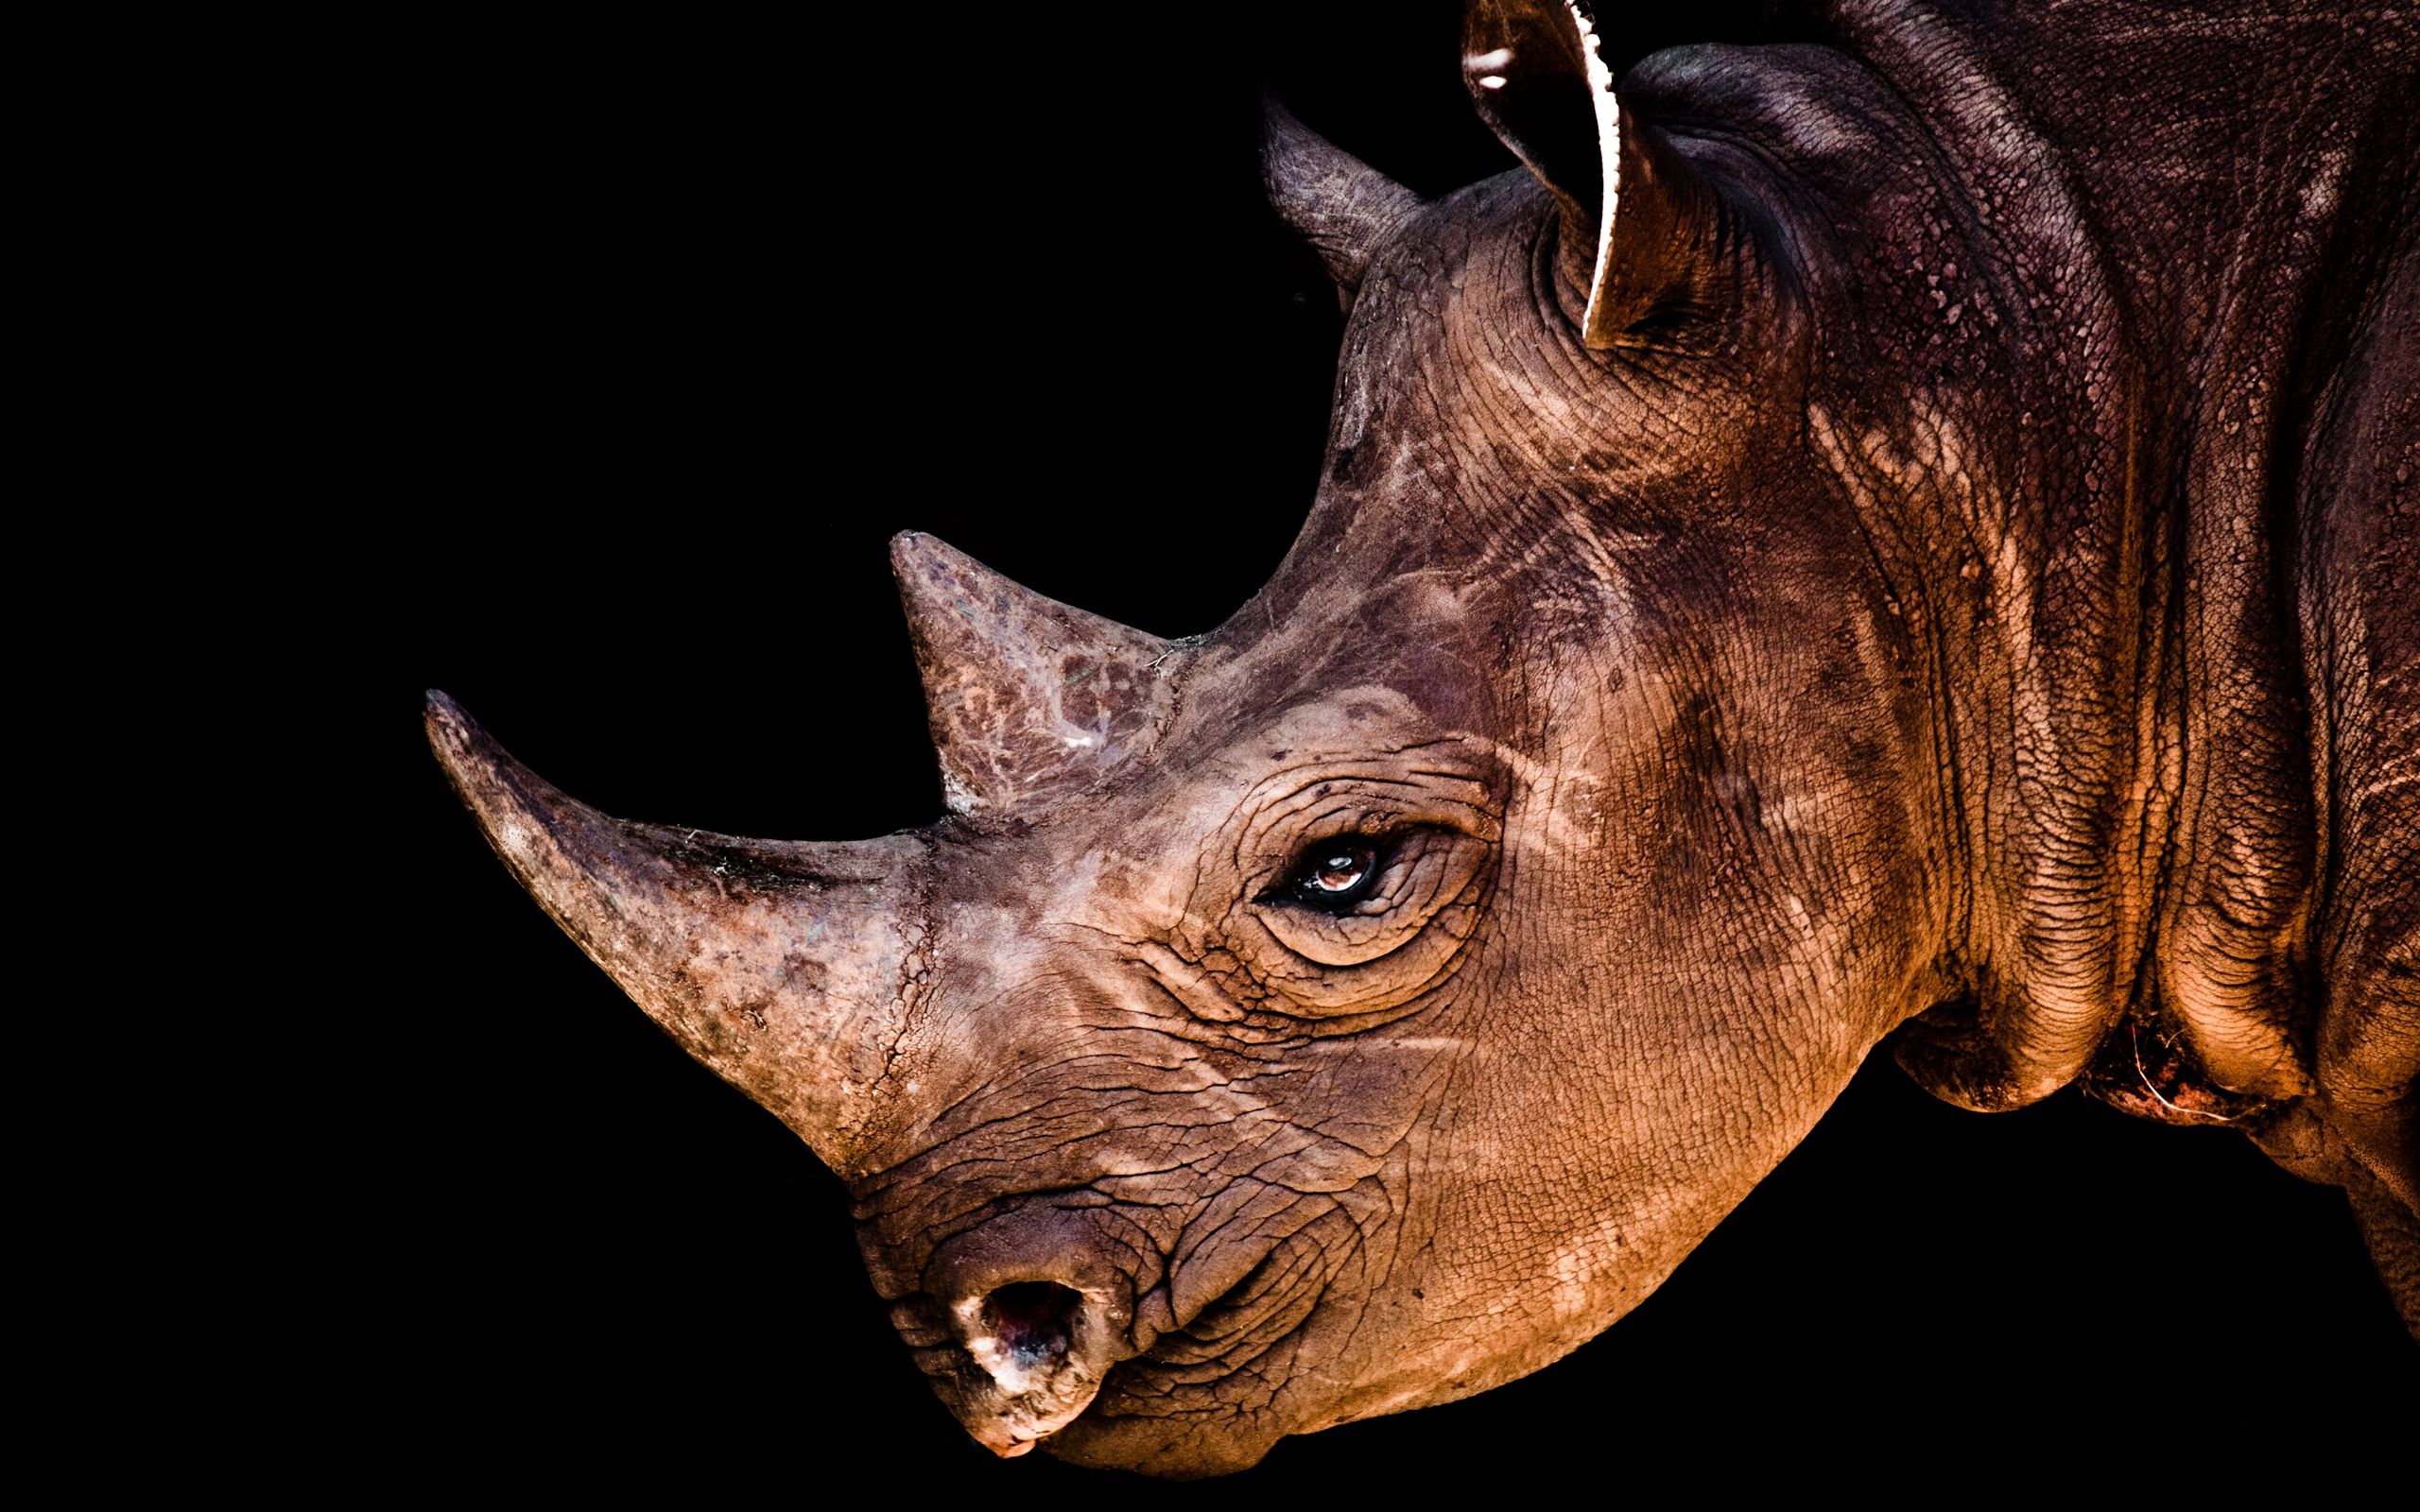 155062 скачать обои Животные, Носорог, Голова, Тень, Профиль - заставки и картинки бесплатно